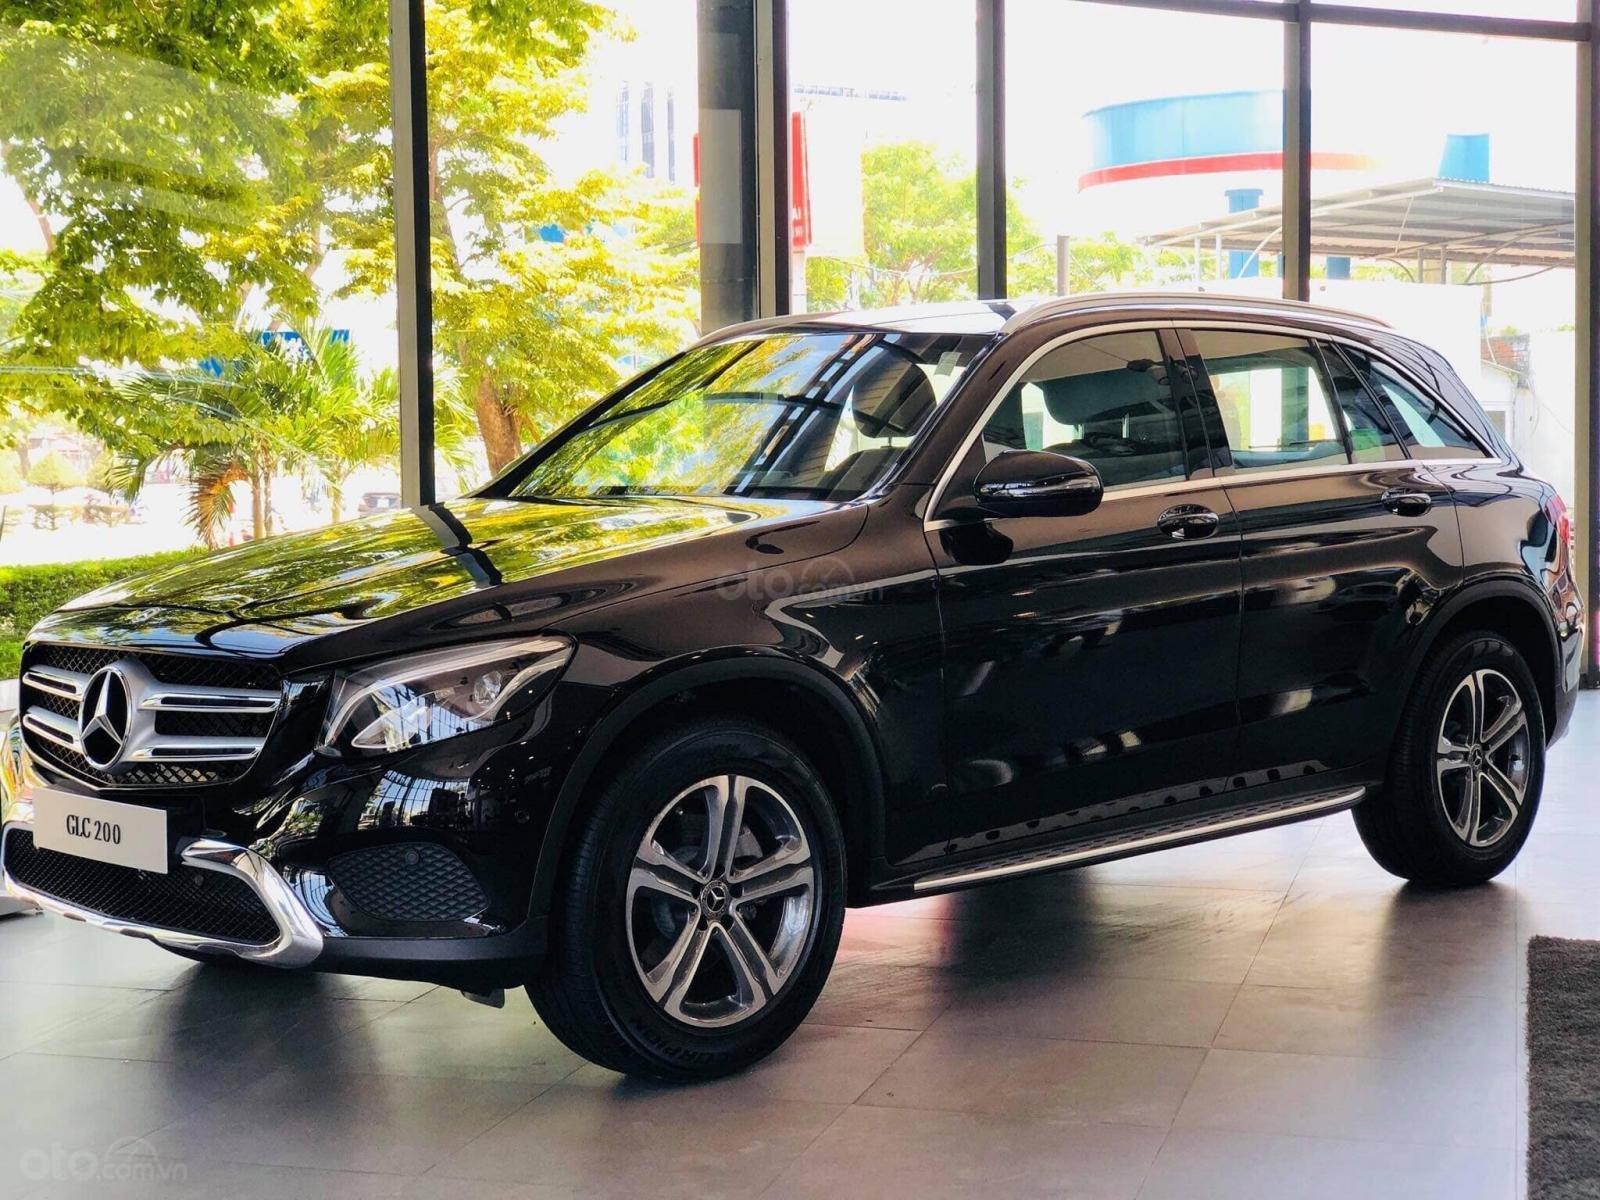 Giá xe Mercedes GLC 200 2019 khuyến mãi, thông số, giá lăn bánh 12/2019 tặng 50% phí trước bạ (1)